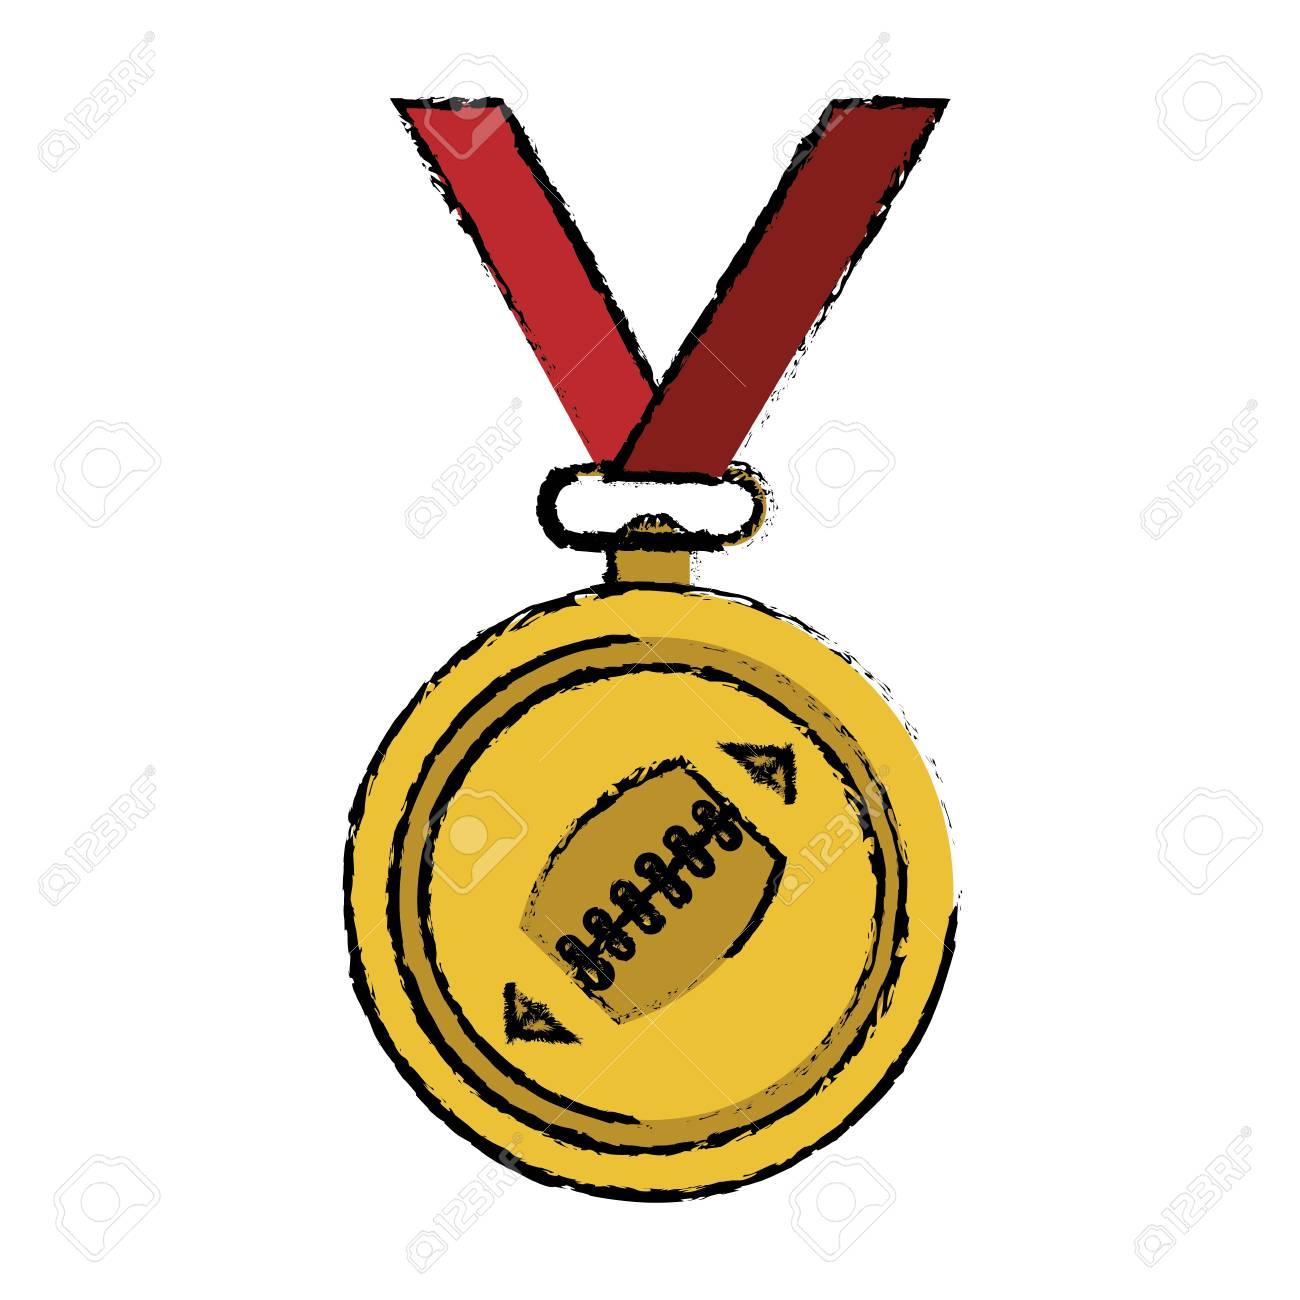 1300x1300 Drawing Sport Medal Ribbon American Football Vector Illustration